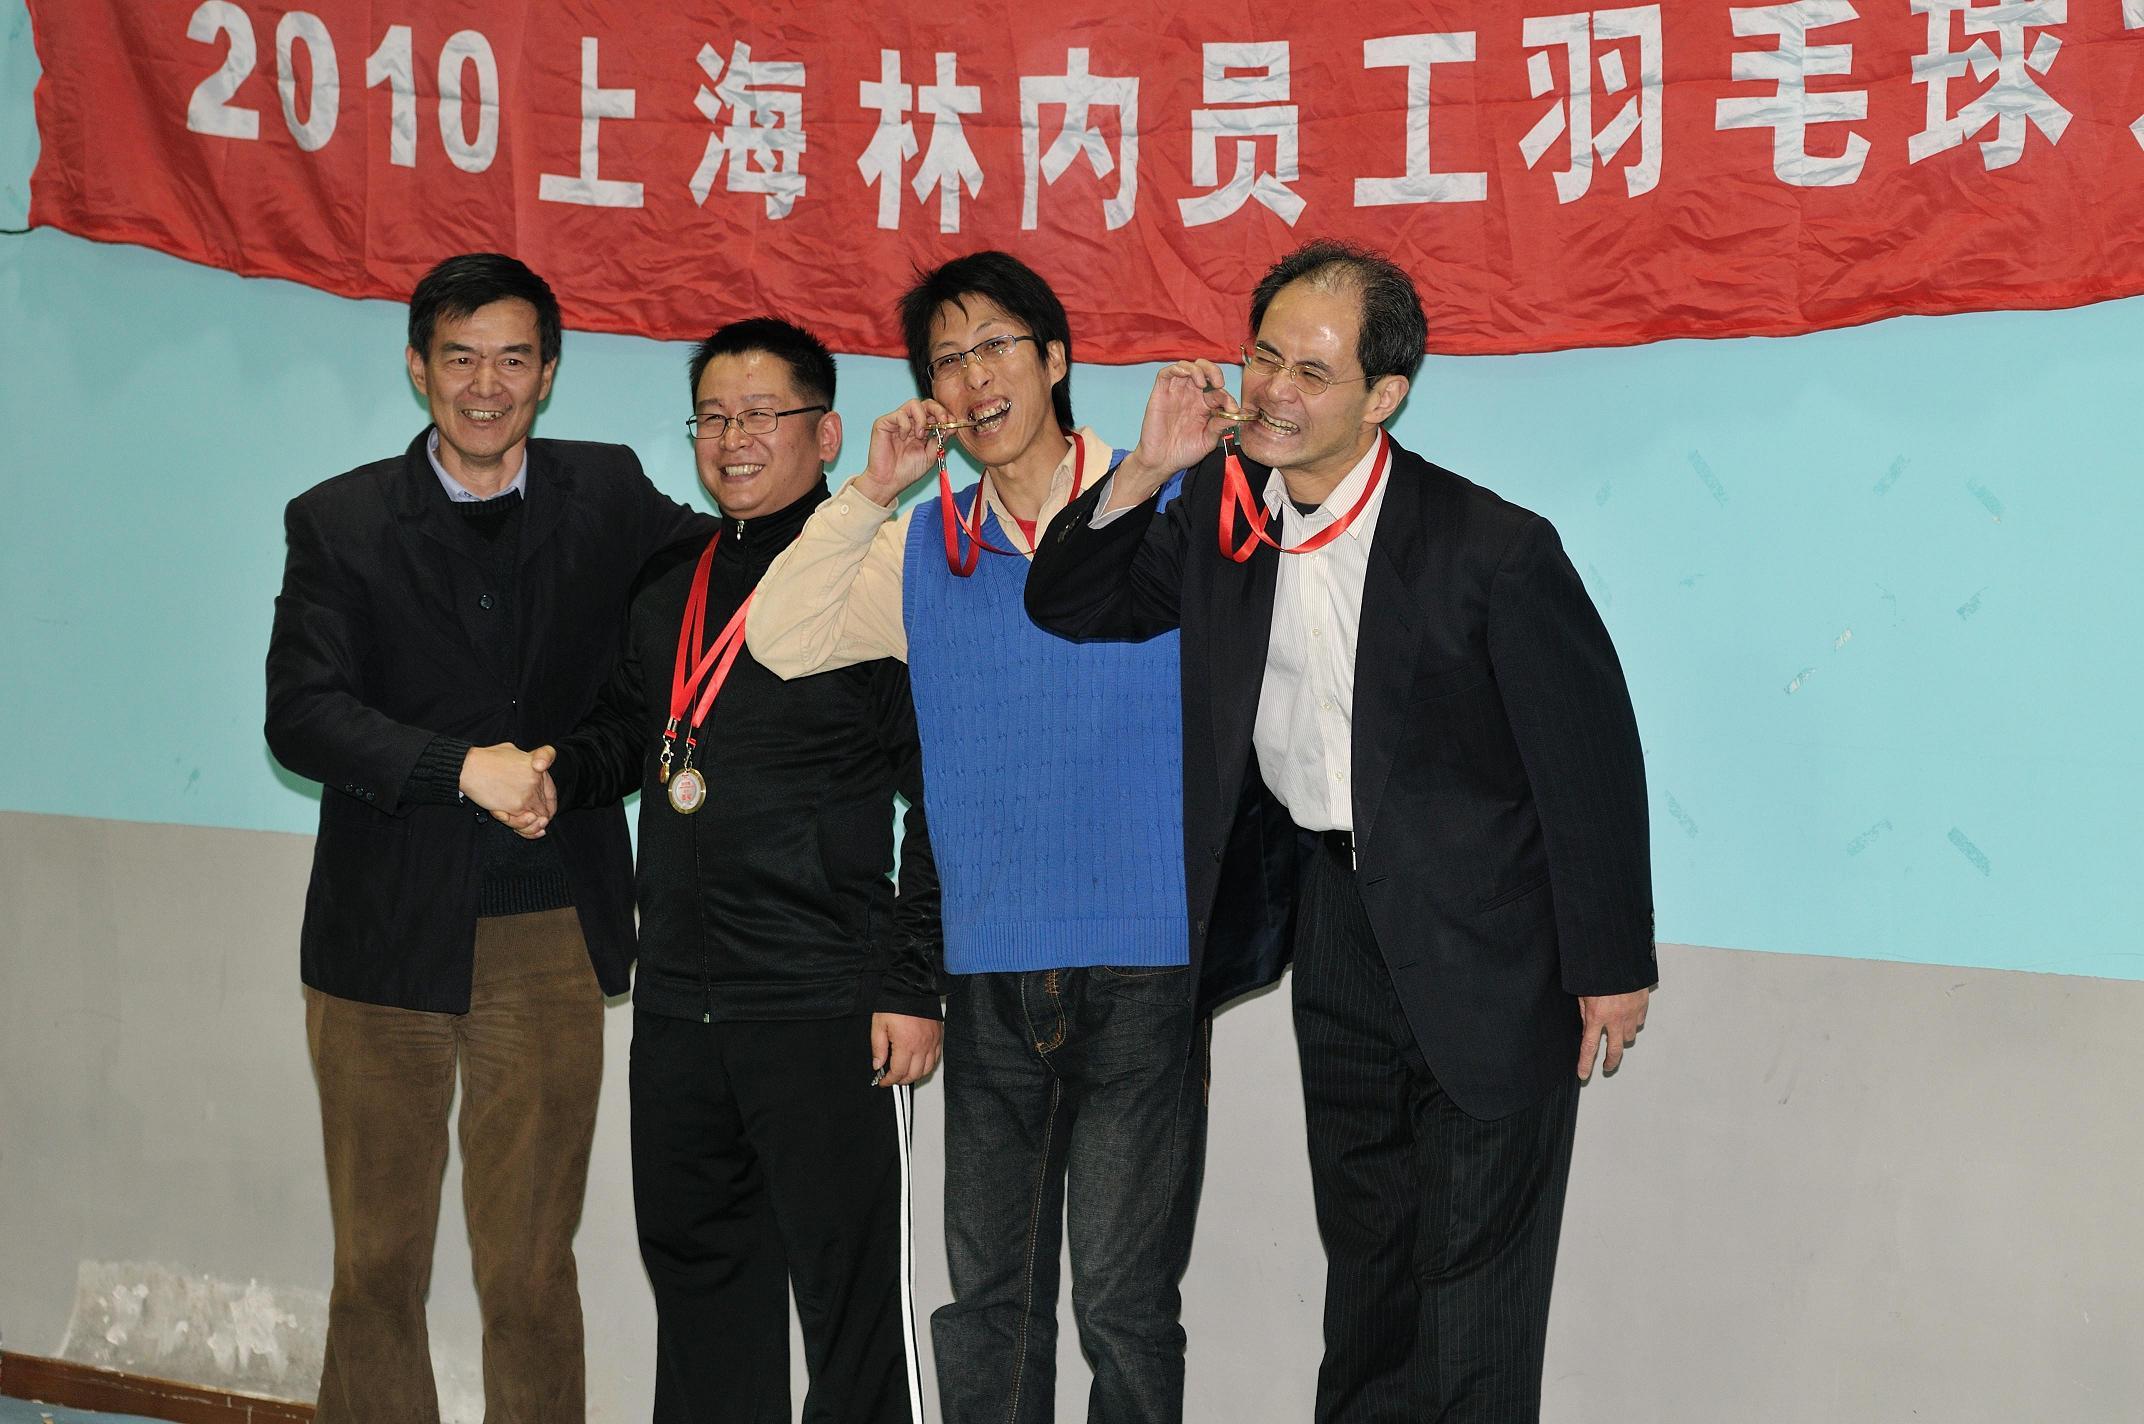 上海林内2010年员工羽毛球大赛圆满结束